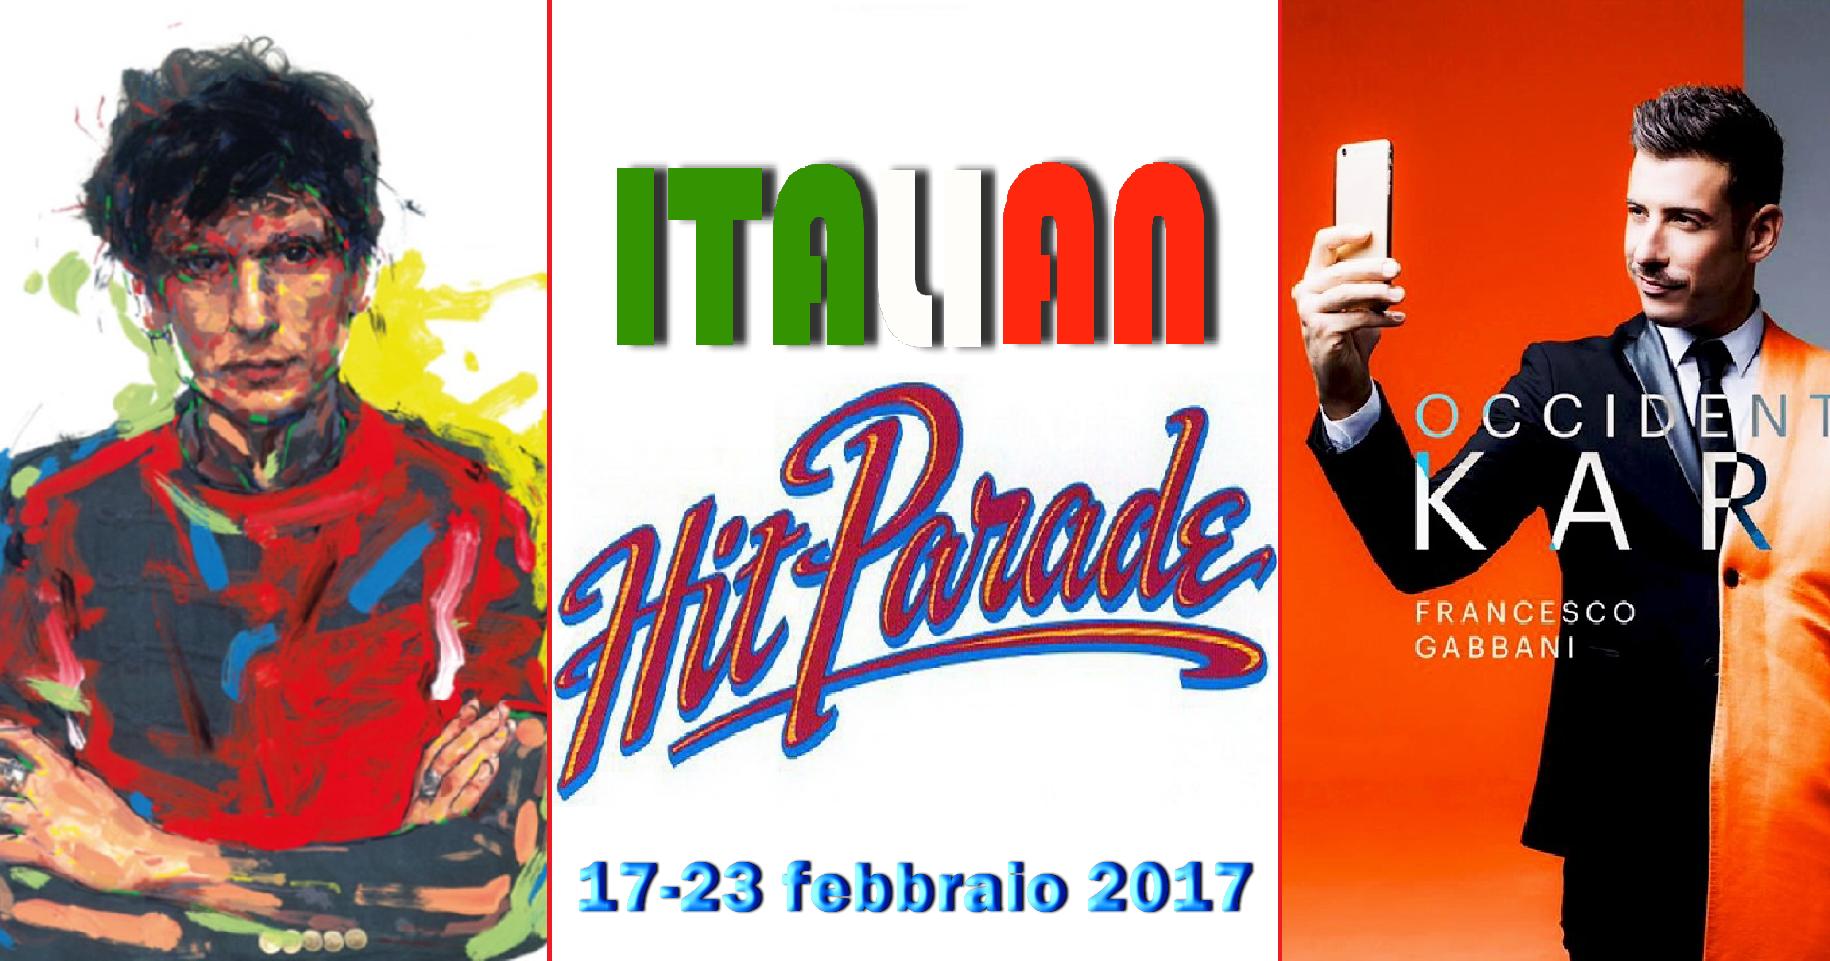 Sanremo si fa sentire: Ermal Meta in testa tra gli album e il vincitore Francesco Gabbani ancora re dei singoli. Questo e molto altro nell'Italian Hit Parade di oggi. Gli […]